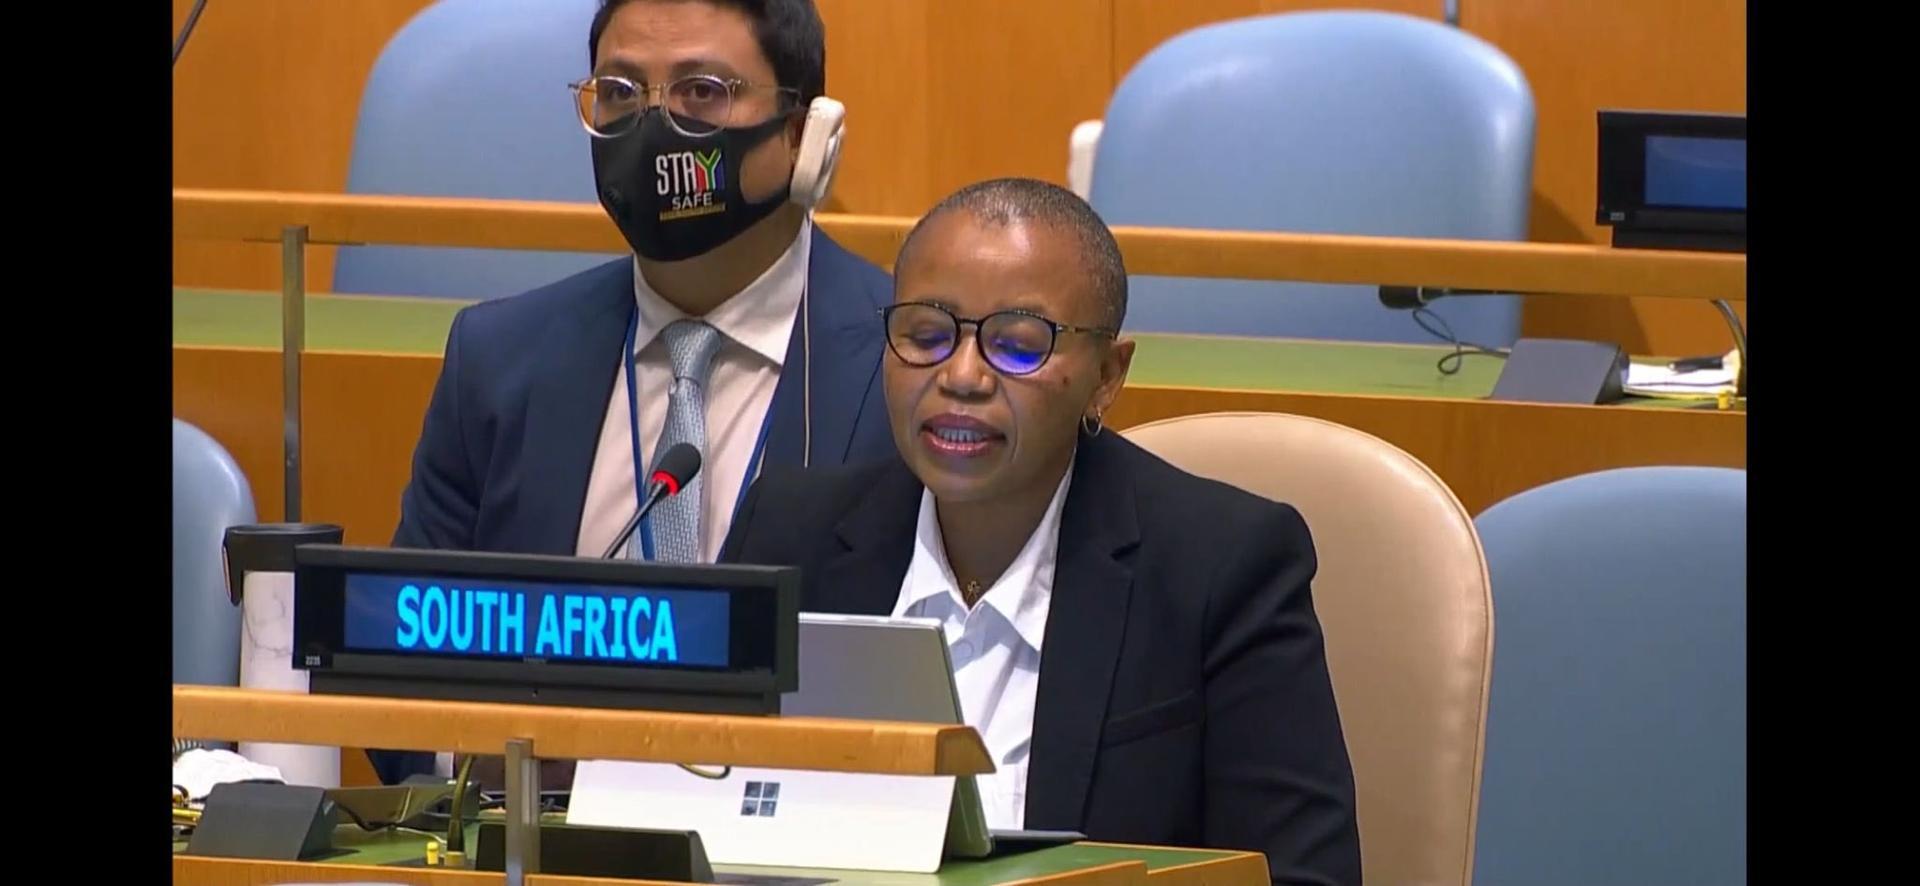 جنوب افريقيا تحذر من التداعيات الخطيرة لعدم تحرك مجلس الامن الدولي إزاء الوضع في الصحراء الغربية